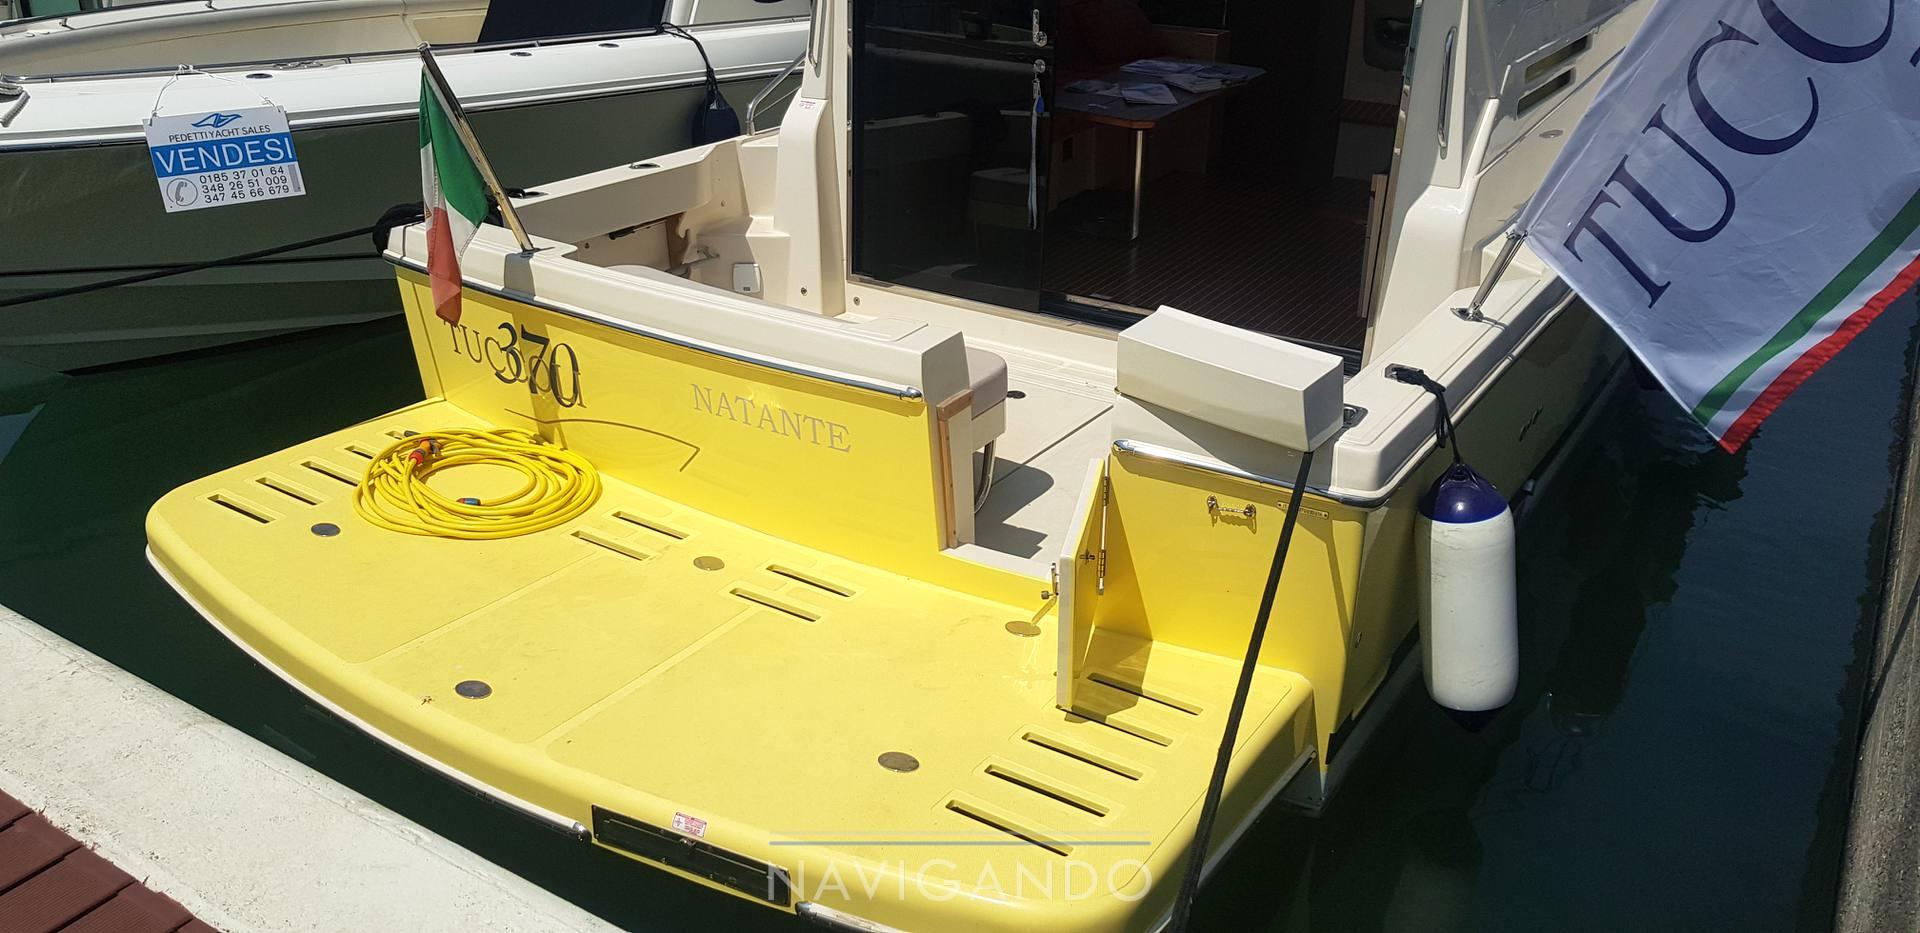 Tuccoli T 370 coupè Motoryacht usato